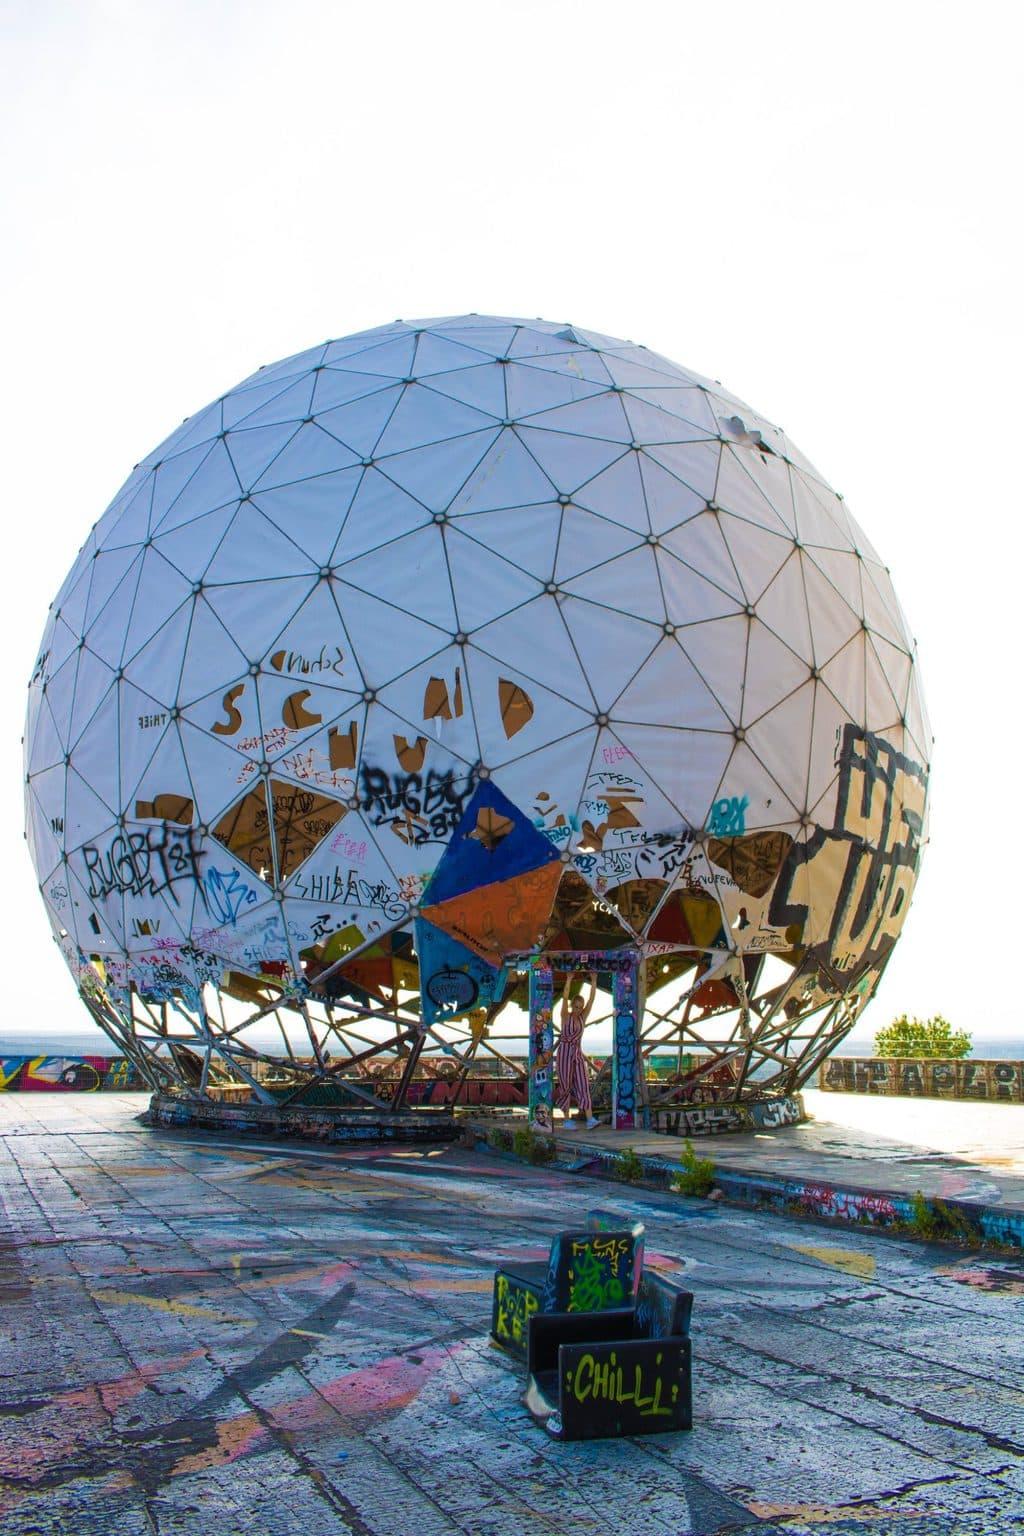 De ruïne van een radarstation op de Teufelsberg in Berlijn